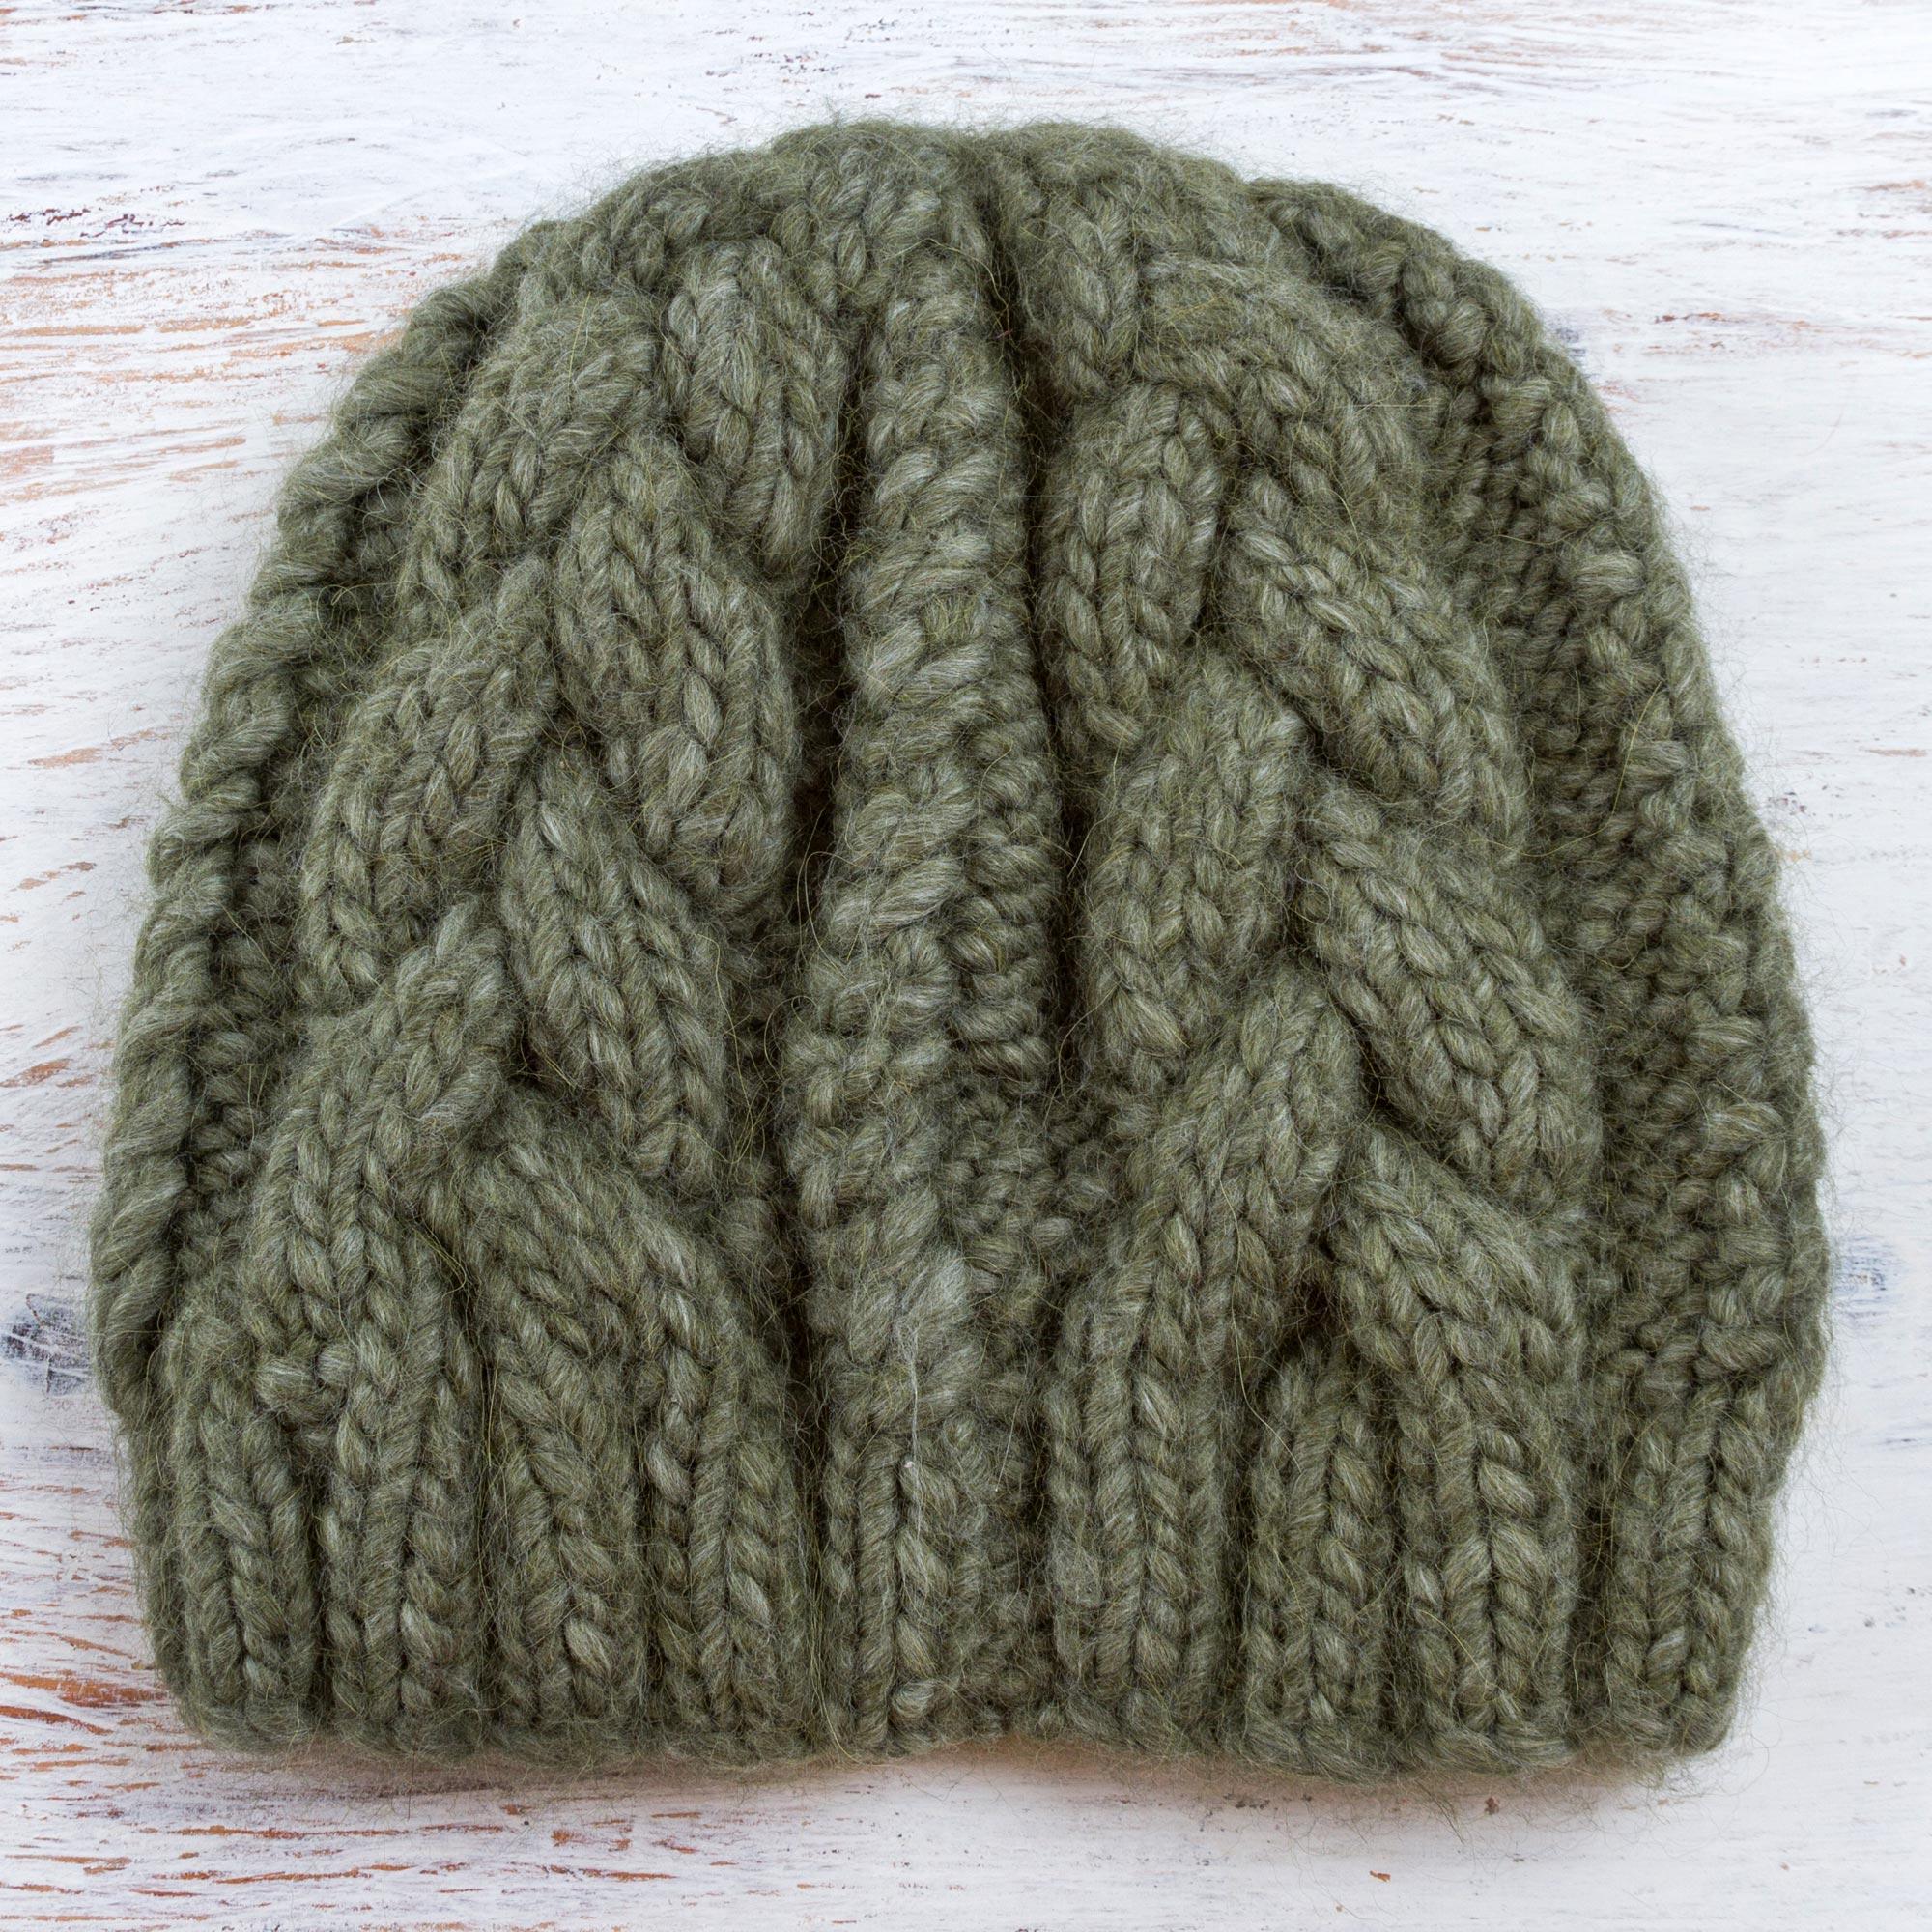 f7008102b Hand Knit Olive Green 100% Alpaca Hat from Peru, 'Olive Braids'